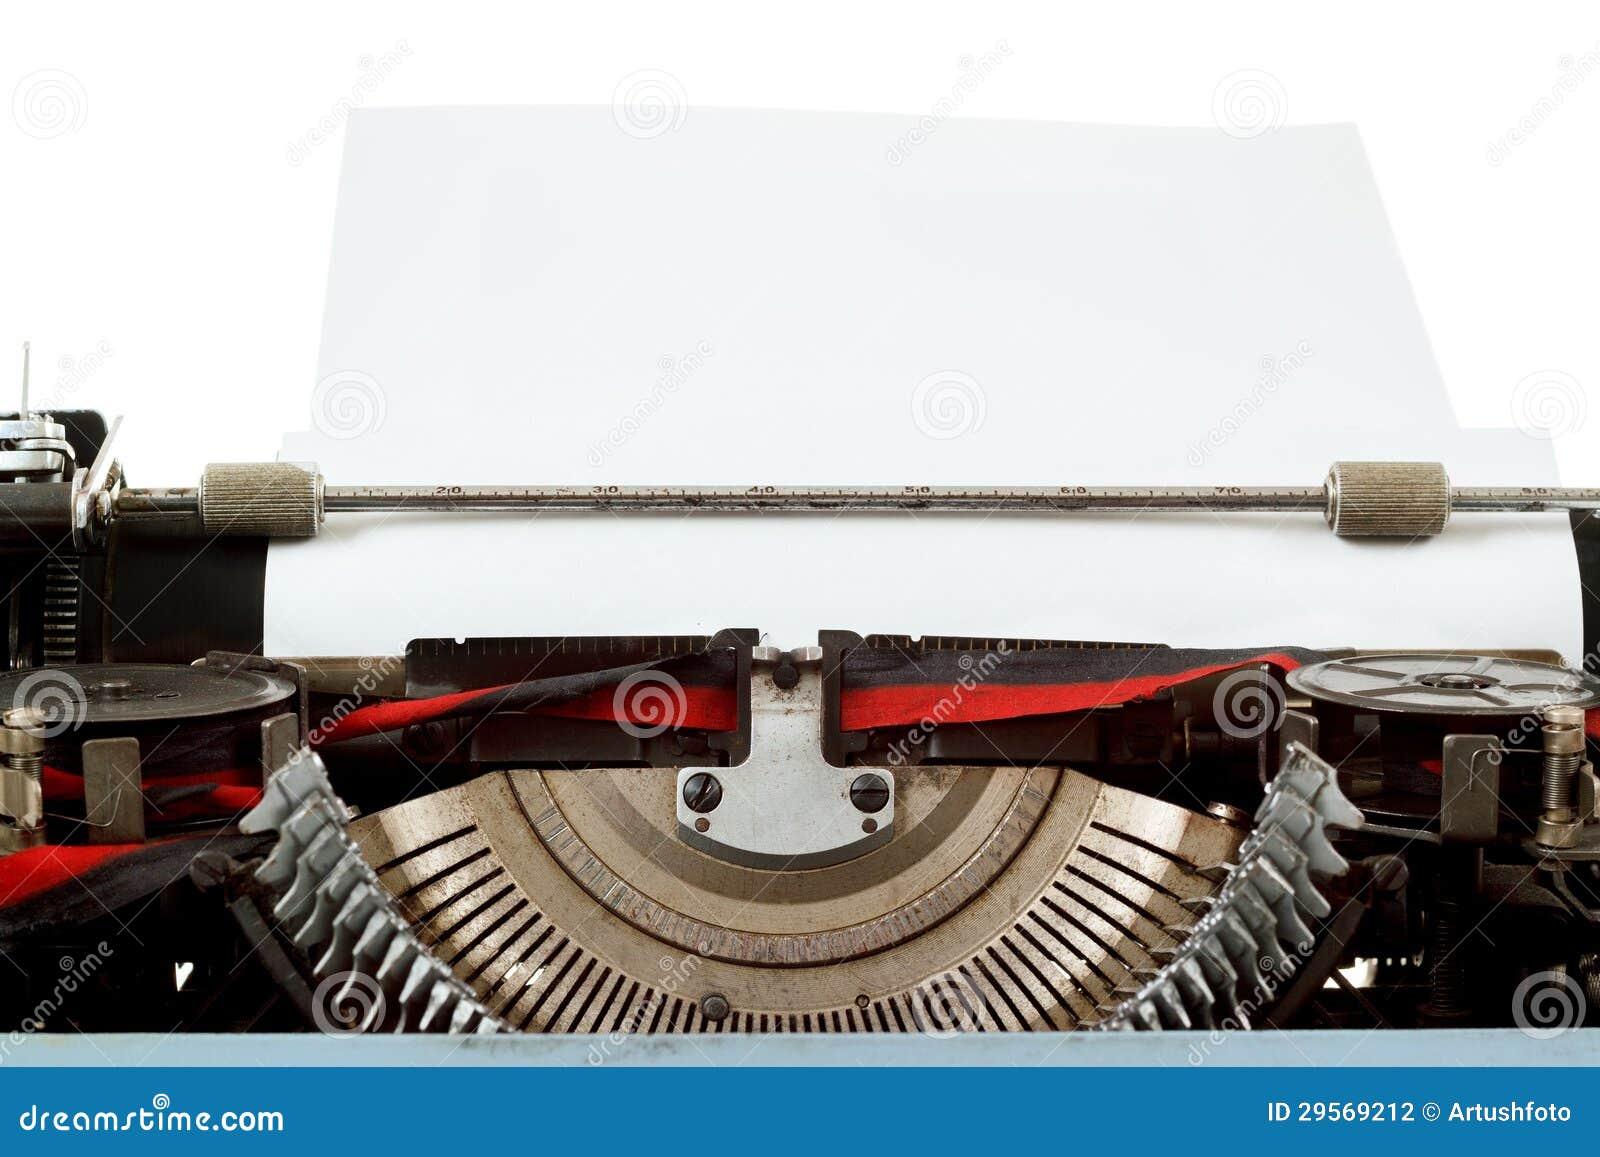 Retro typewriter close up with  Vintage Typewriter Paper Photography